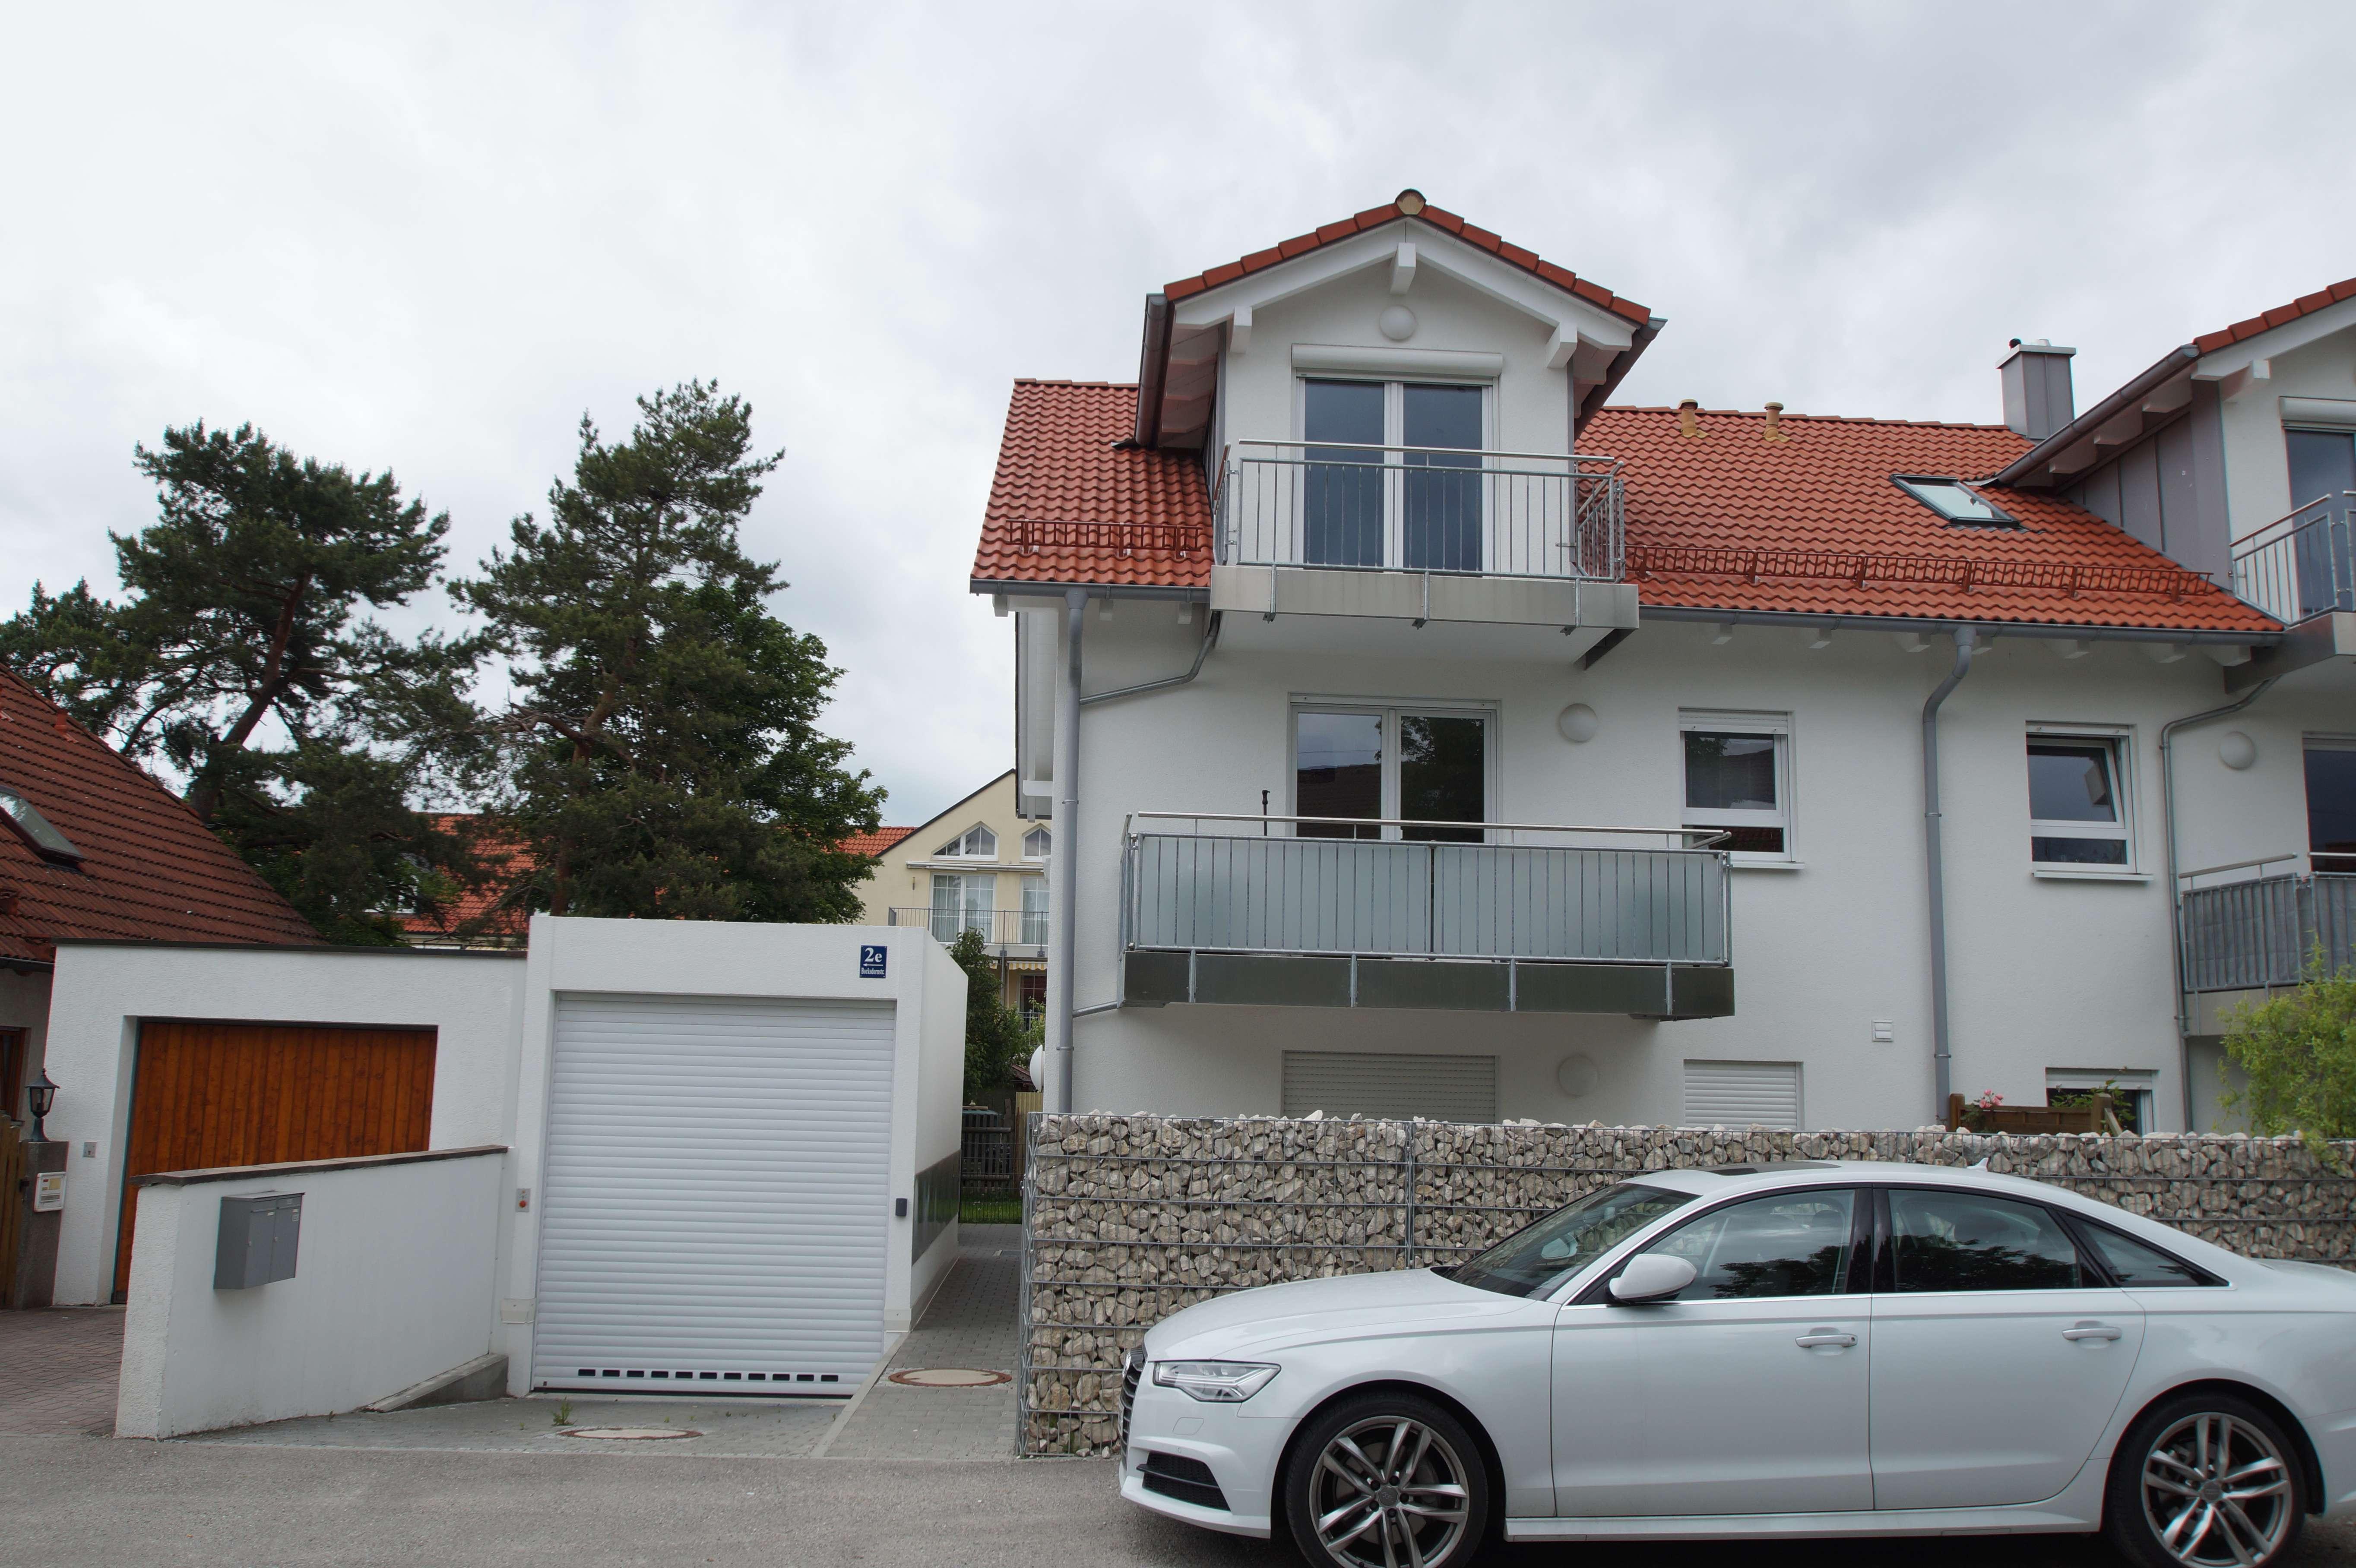 Stilvolle und schön ausgestattete 3-Zimmer Souterrain Wohnung in der Lerchenau in